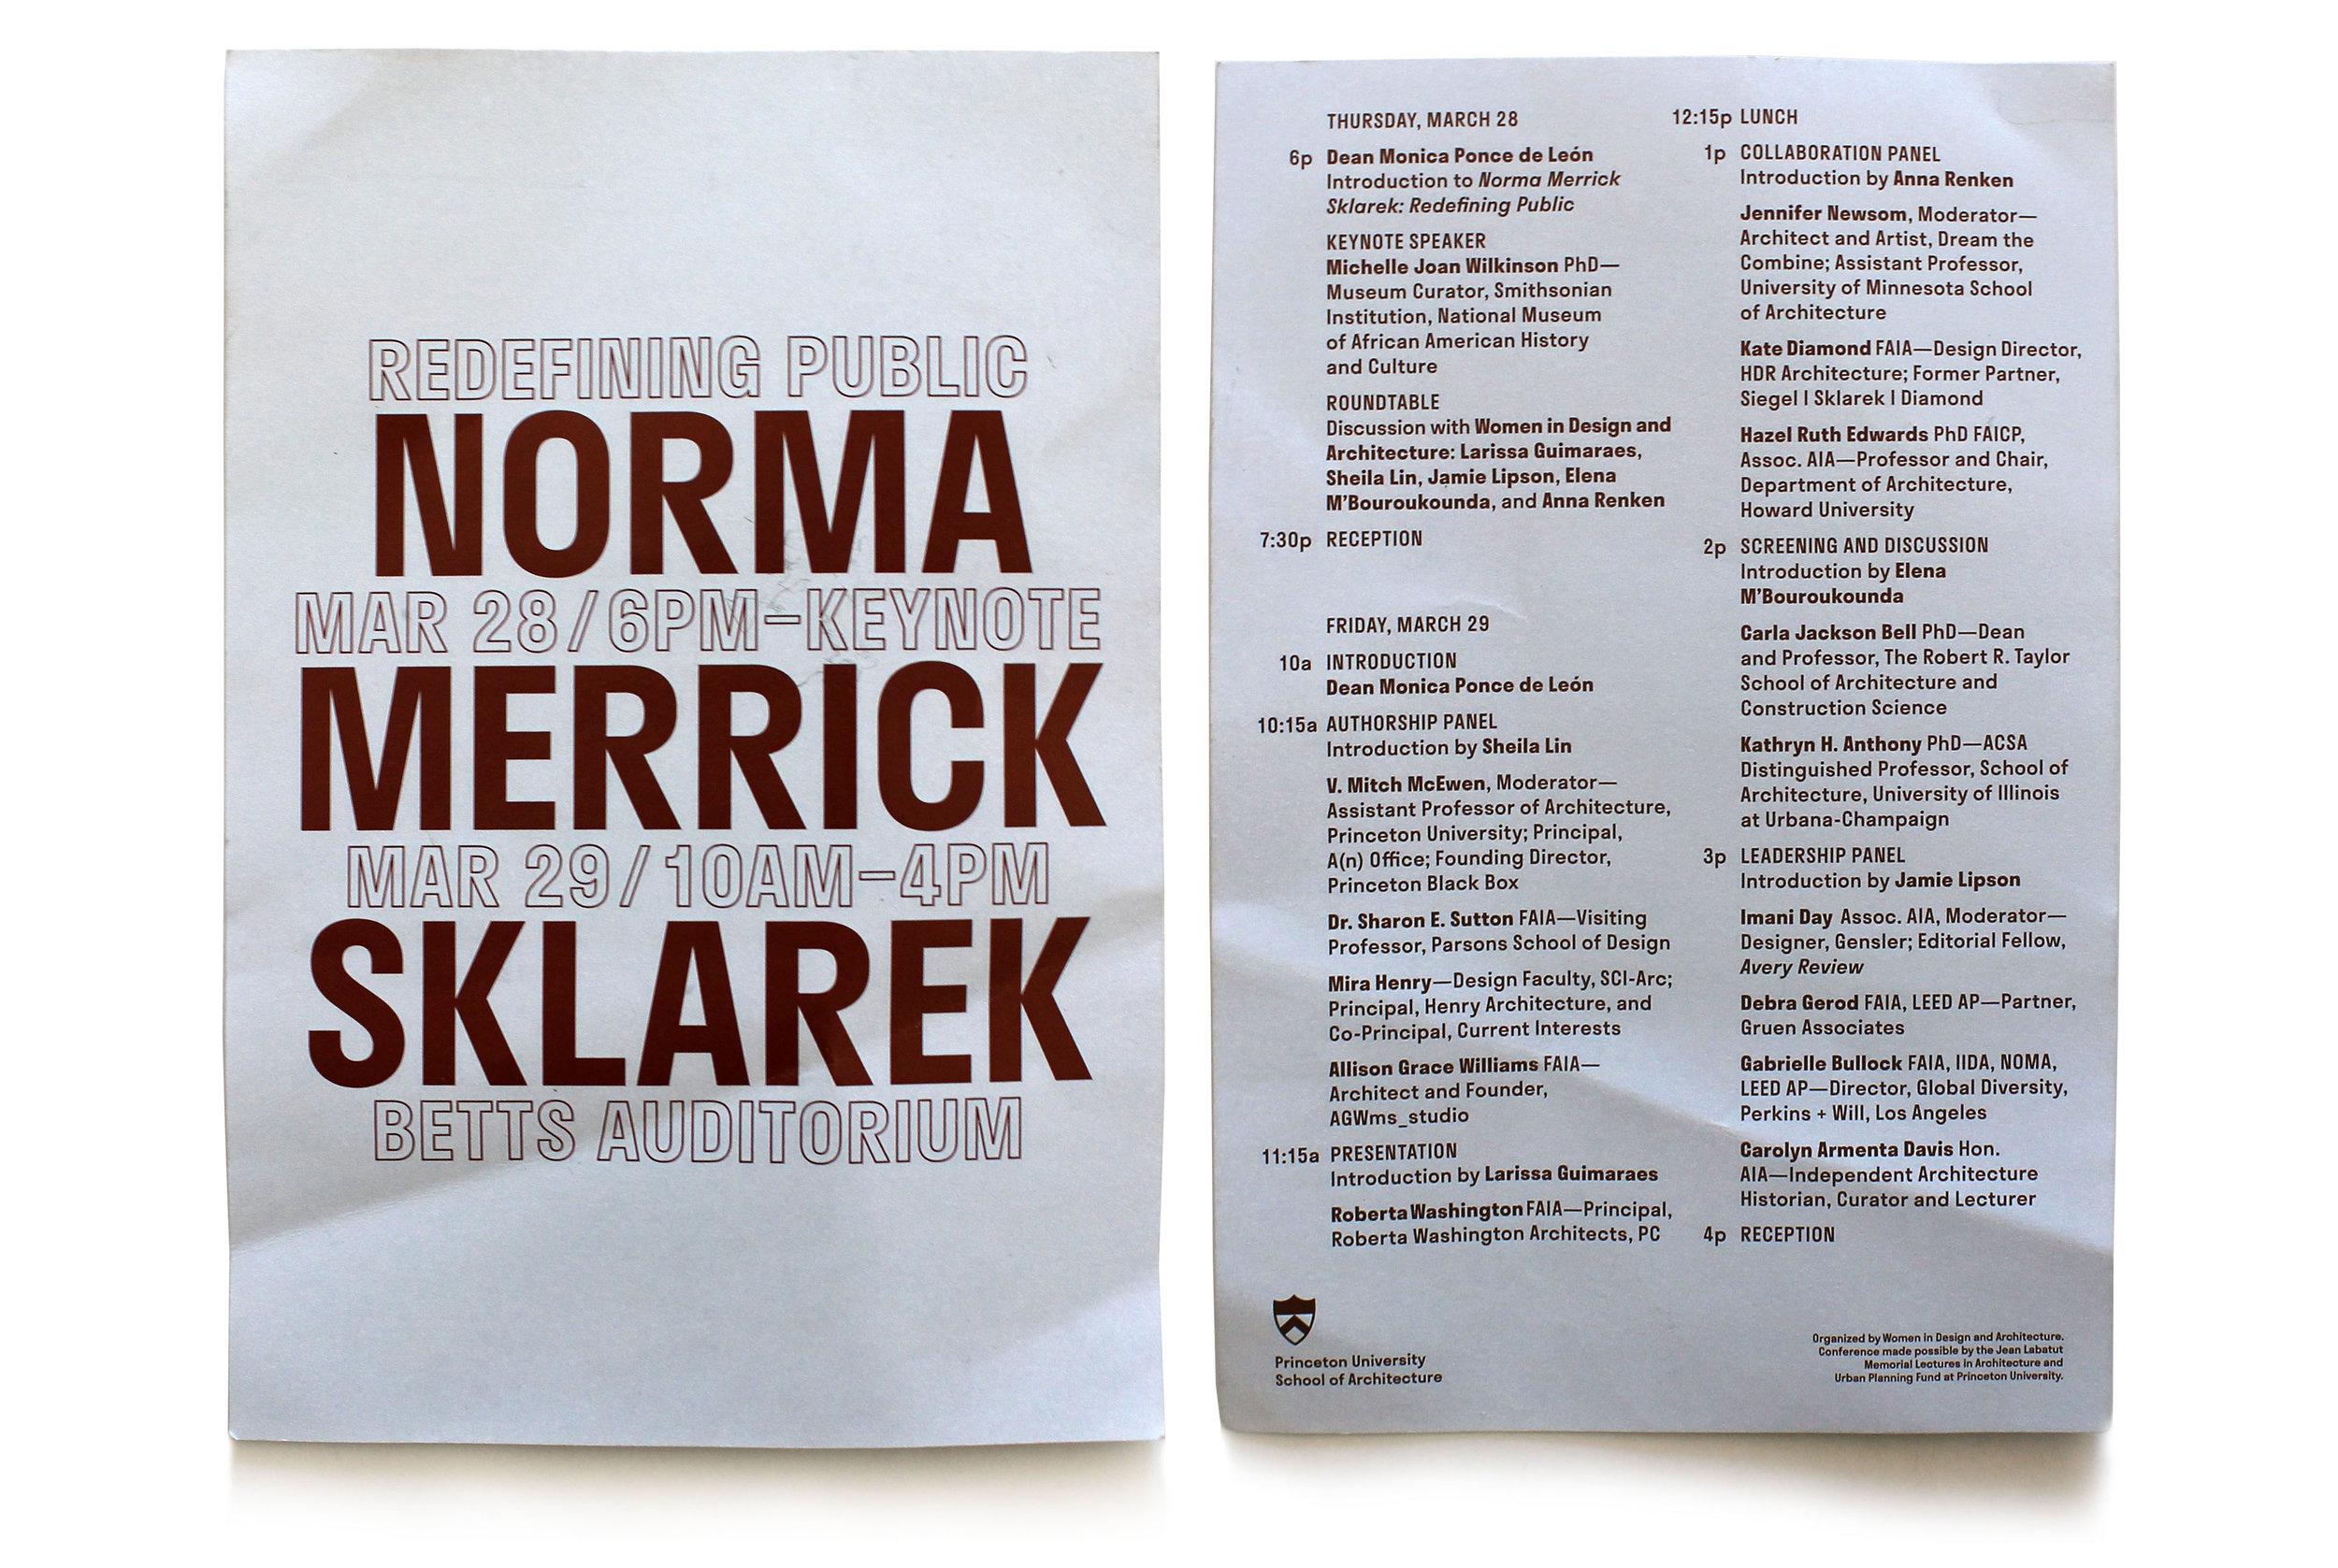 2019 March_Norma Merrick Sklarek_sidebyside.jpg